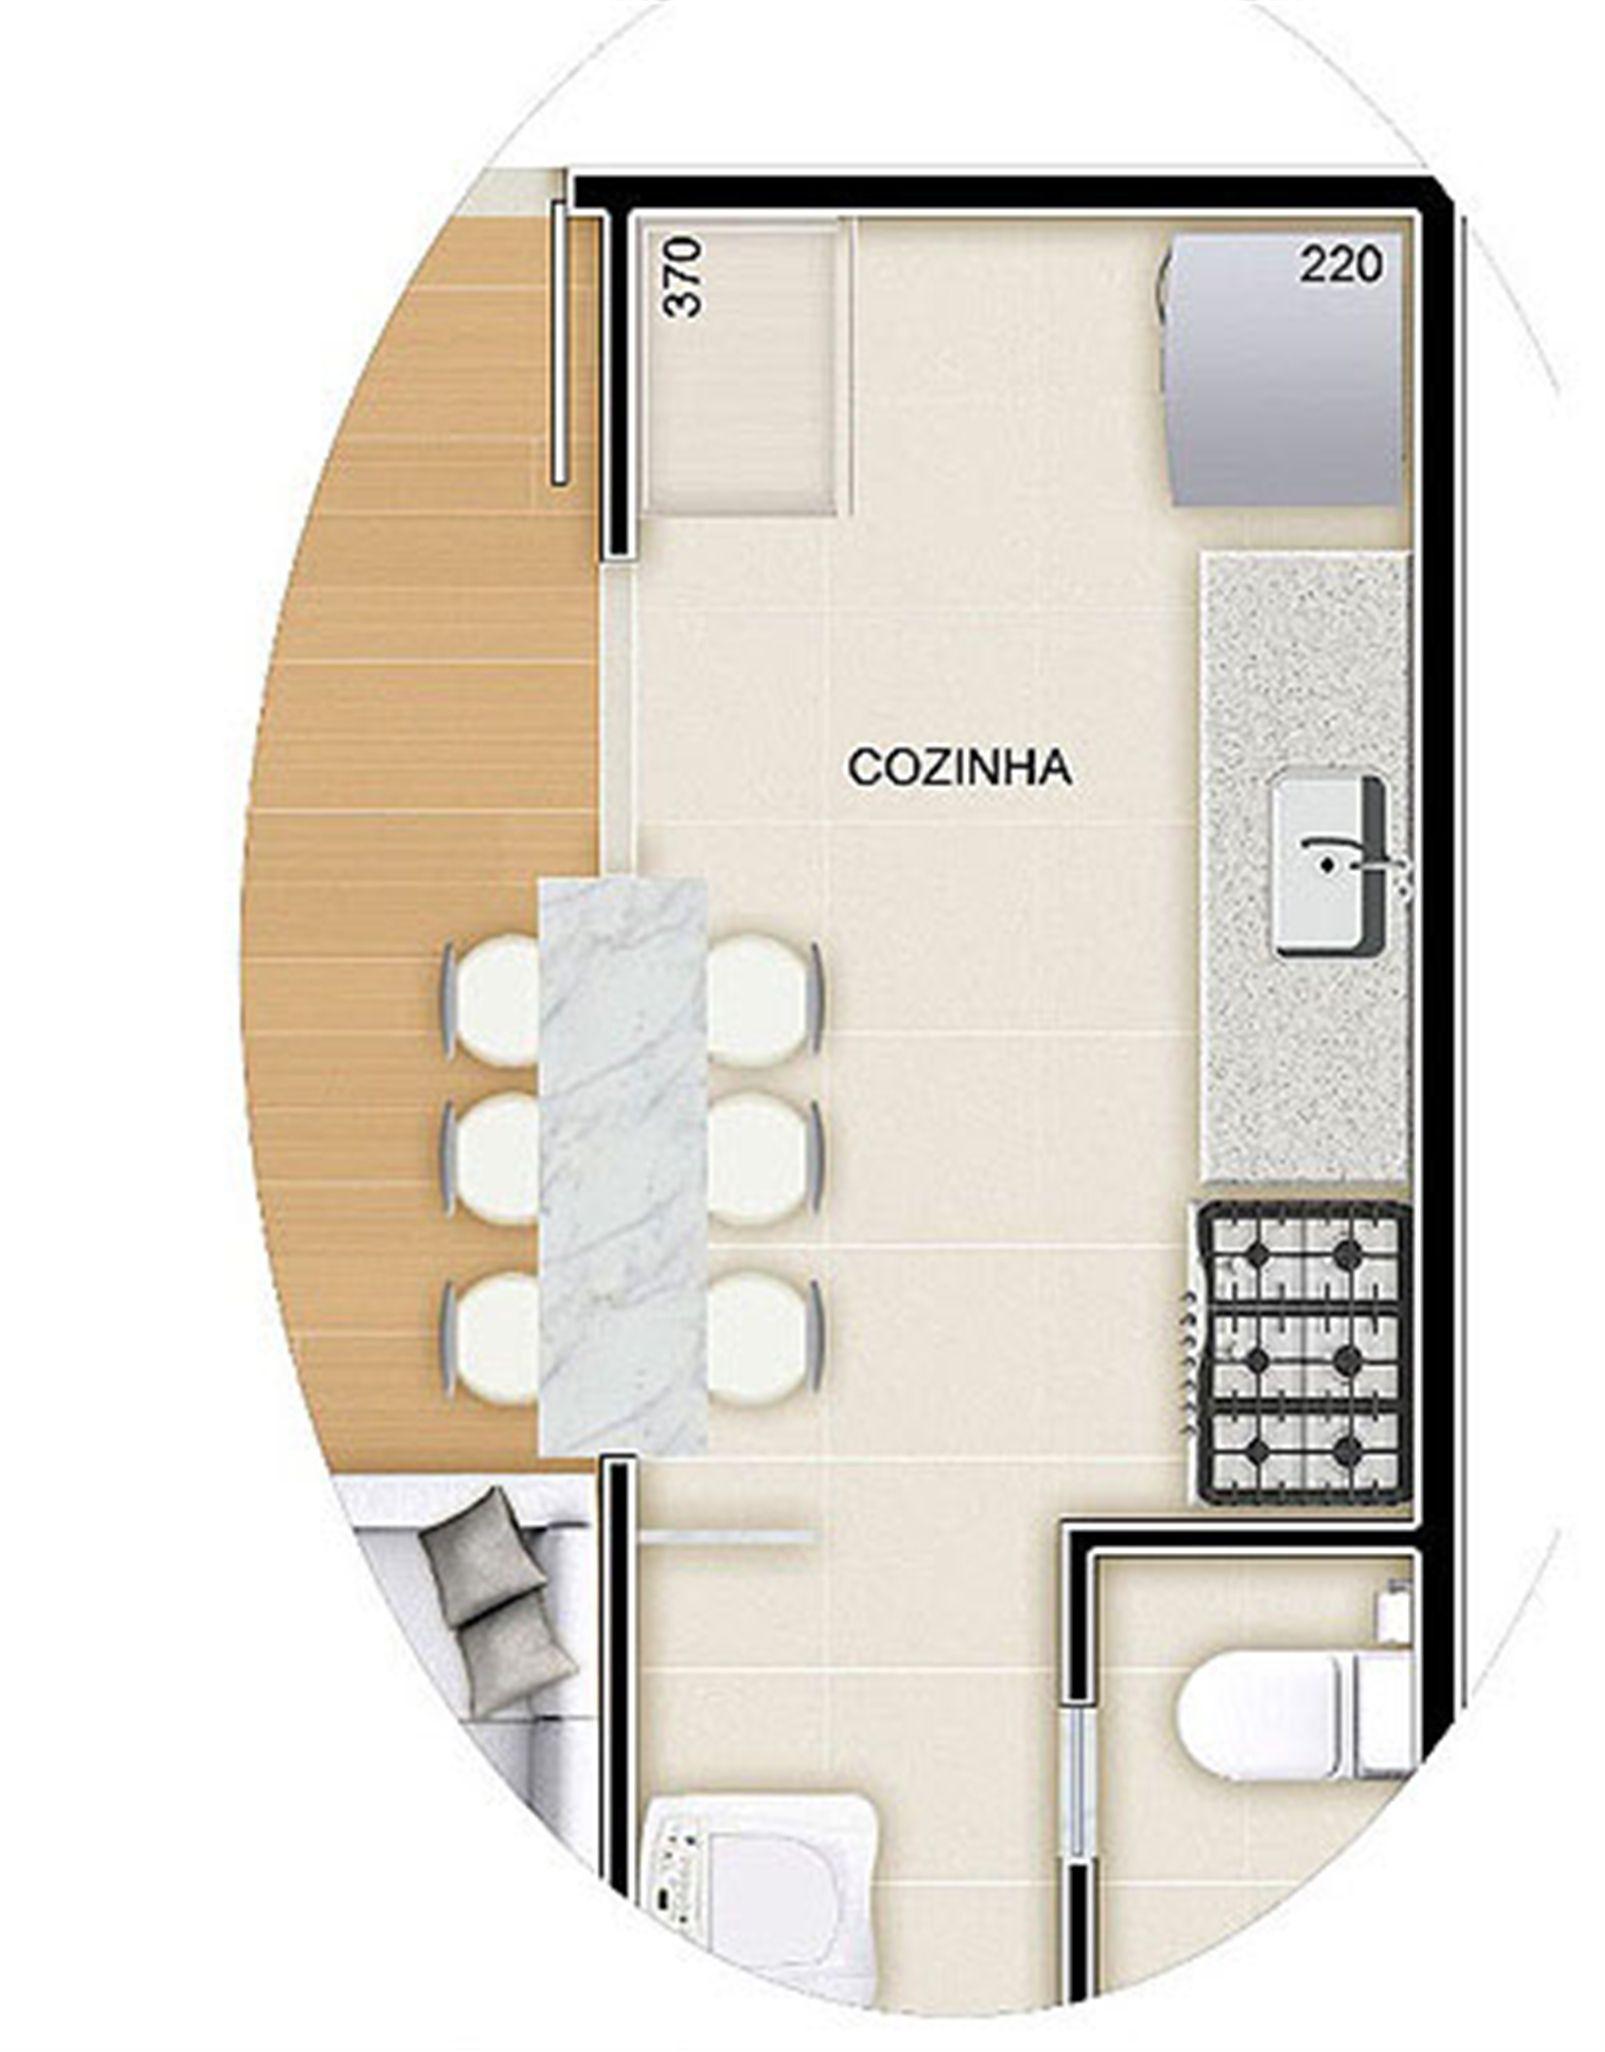 Torres 2 e 3 - 3 Quartos - 85 m² - Planta tipo | Reserva Verde Residencial Park – Apartamentoem  Laranjeiras - Serra - Espírito Santo